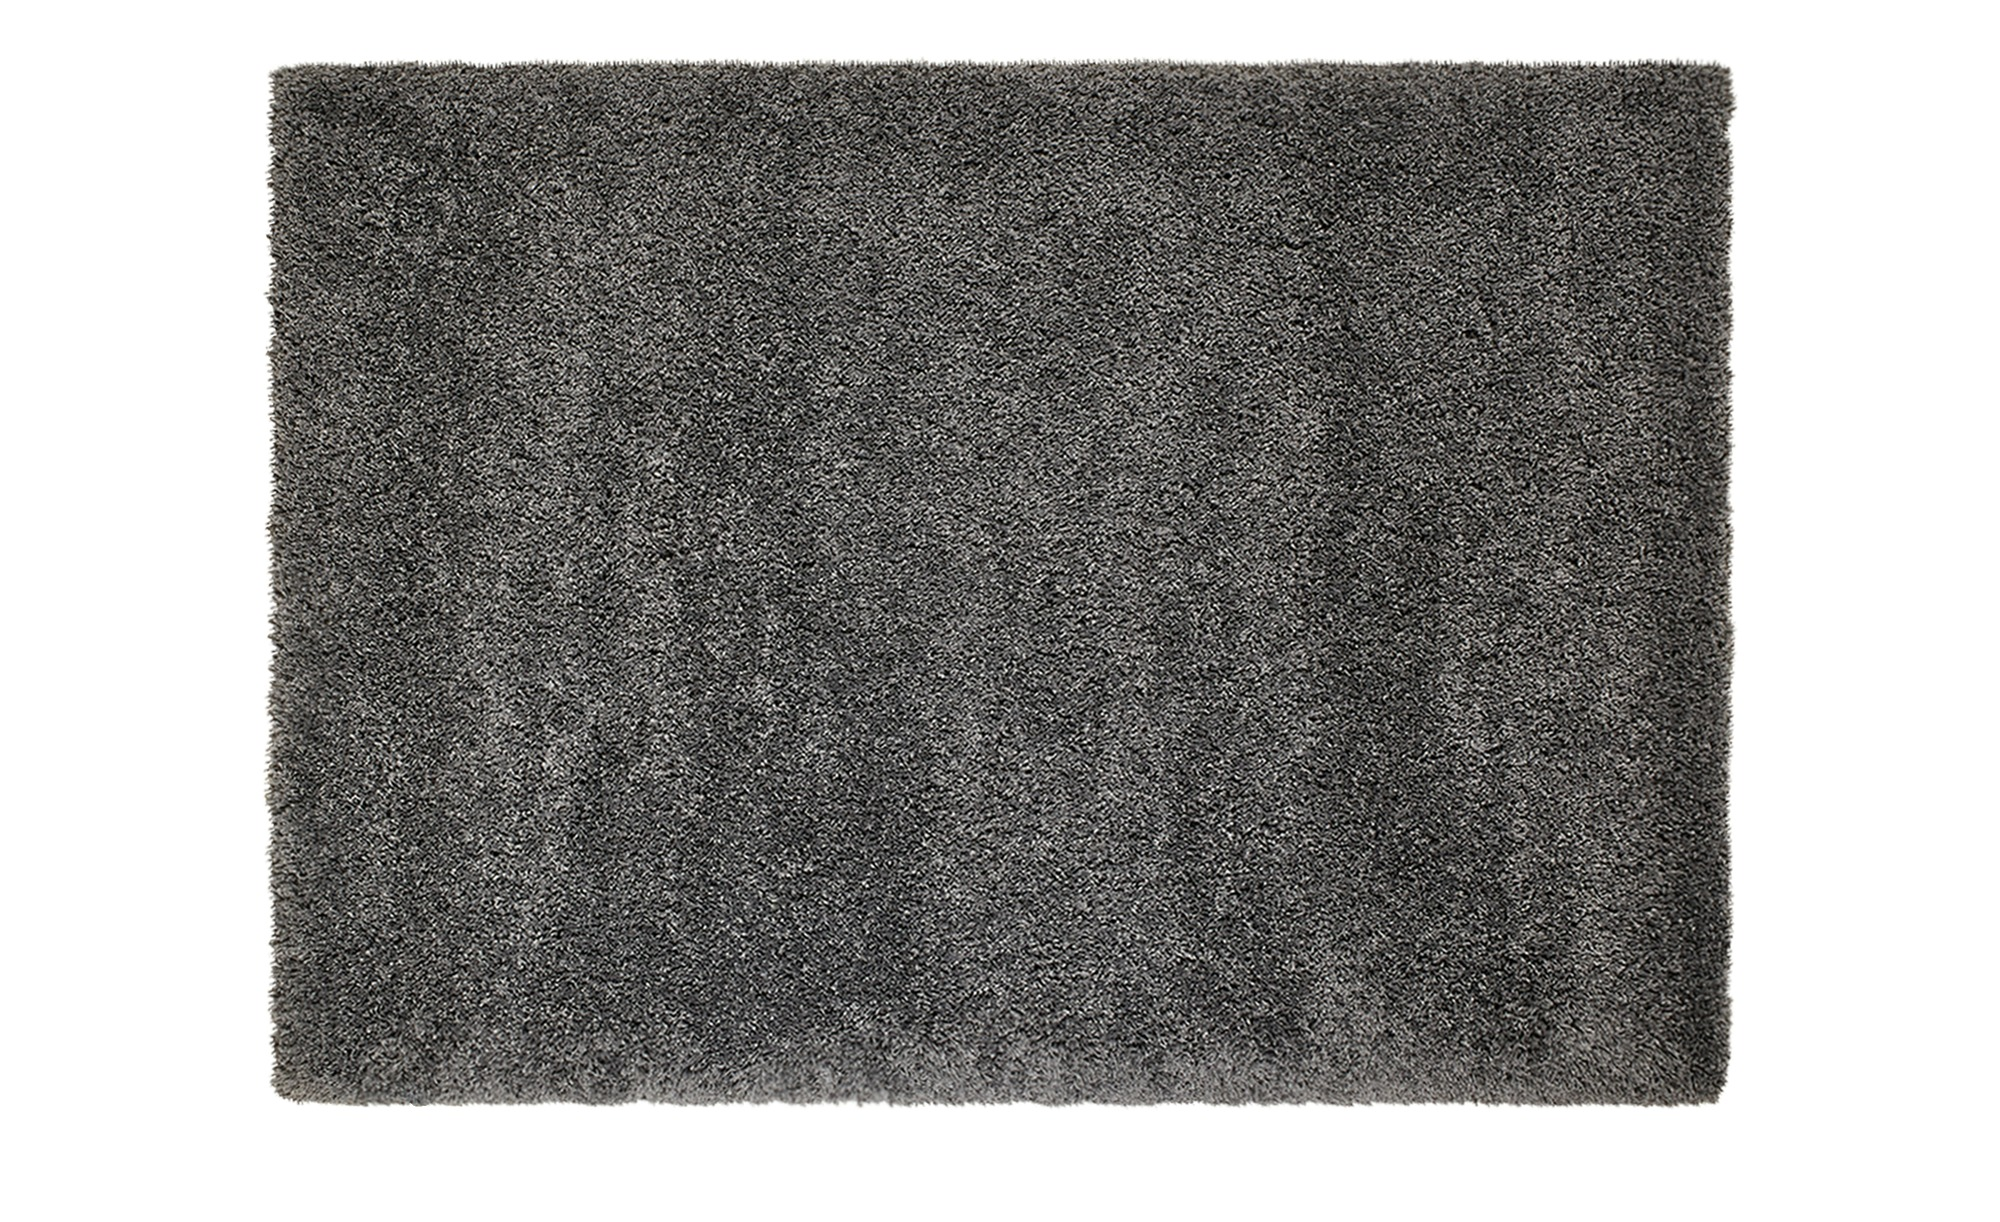 webteppich luxor breite 160 cm h he grau online kaufen. Black Bedroom Furniture Sets. Home Design Ideas